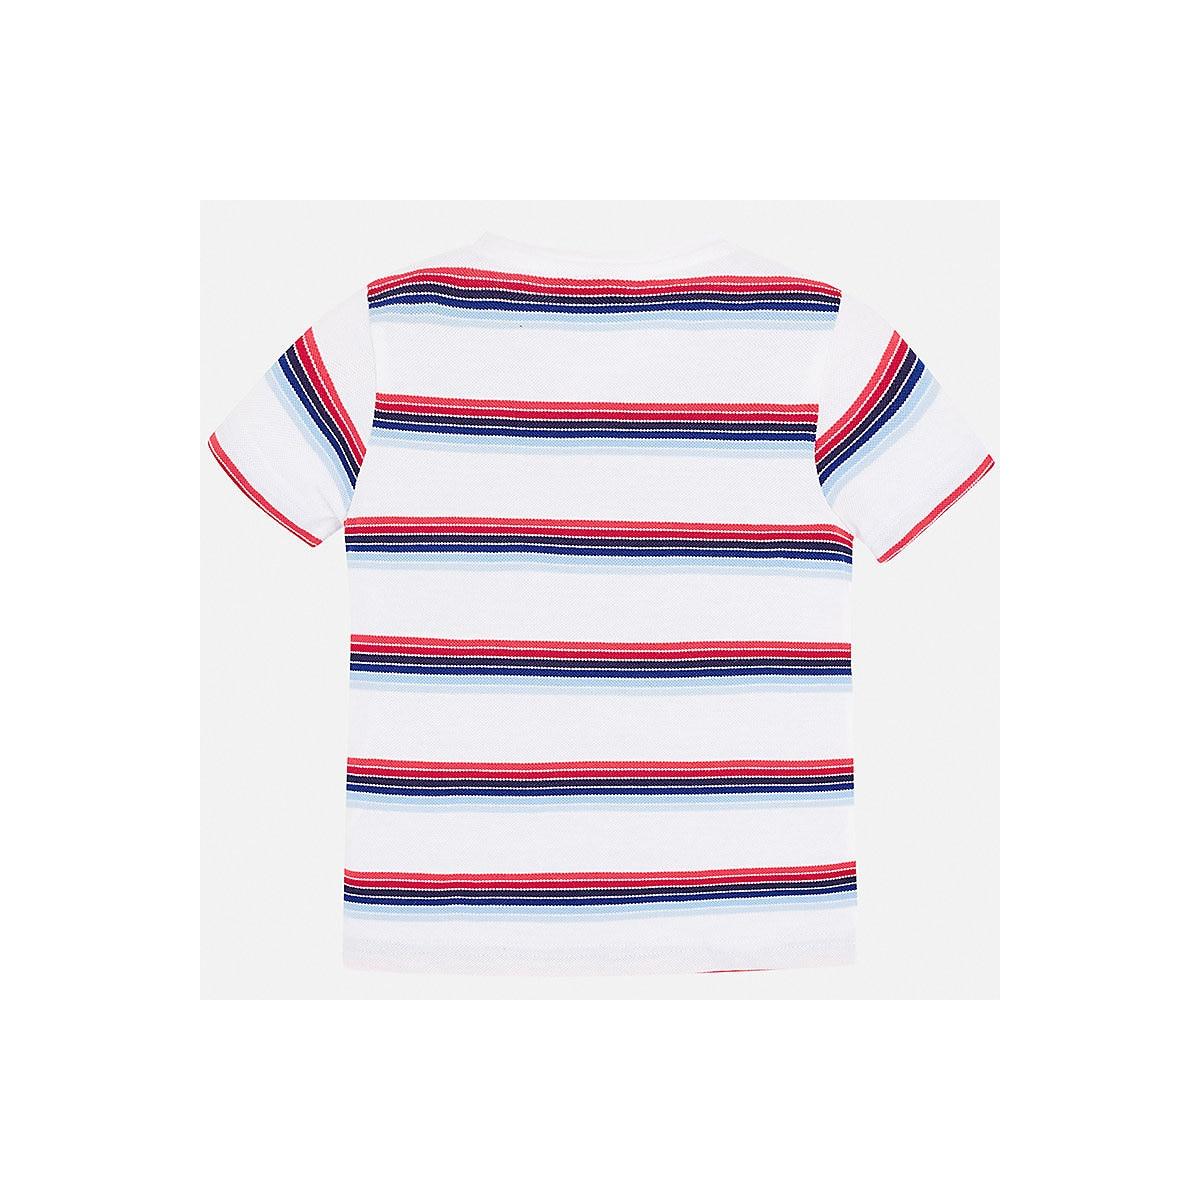 Camisetas DO PREFEITO 10681831 Crianças sClothing T shirt com mangas curtas camisa polo para meninos e meninas - 2